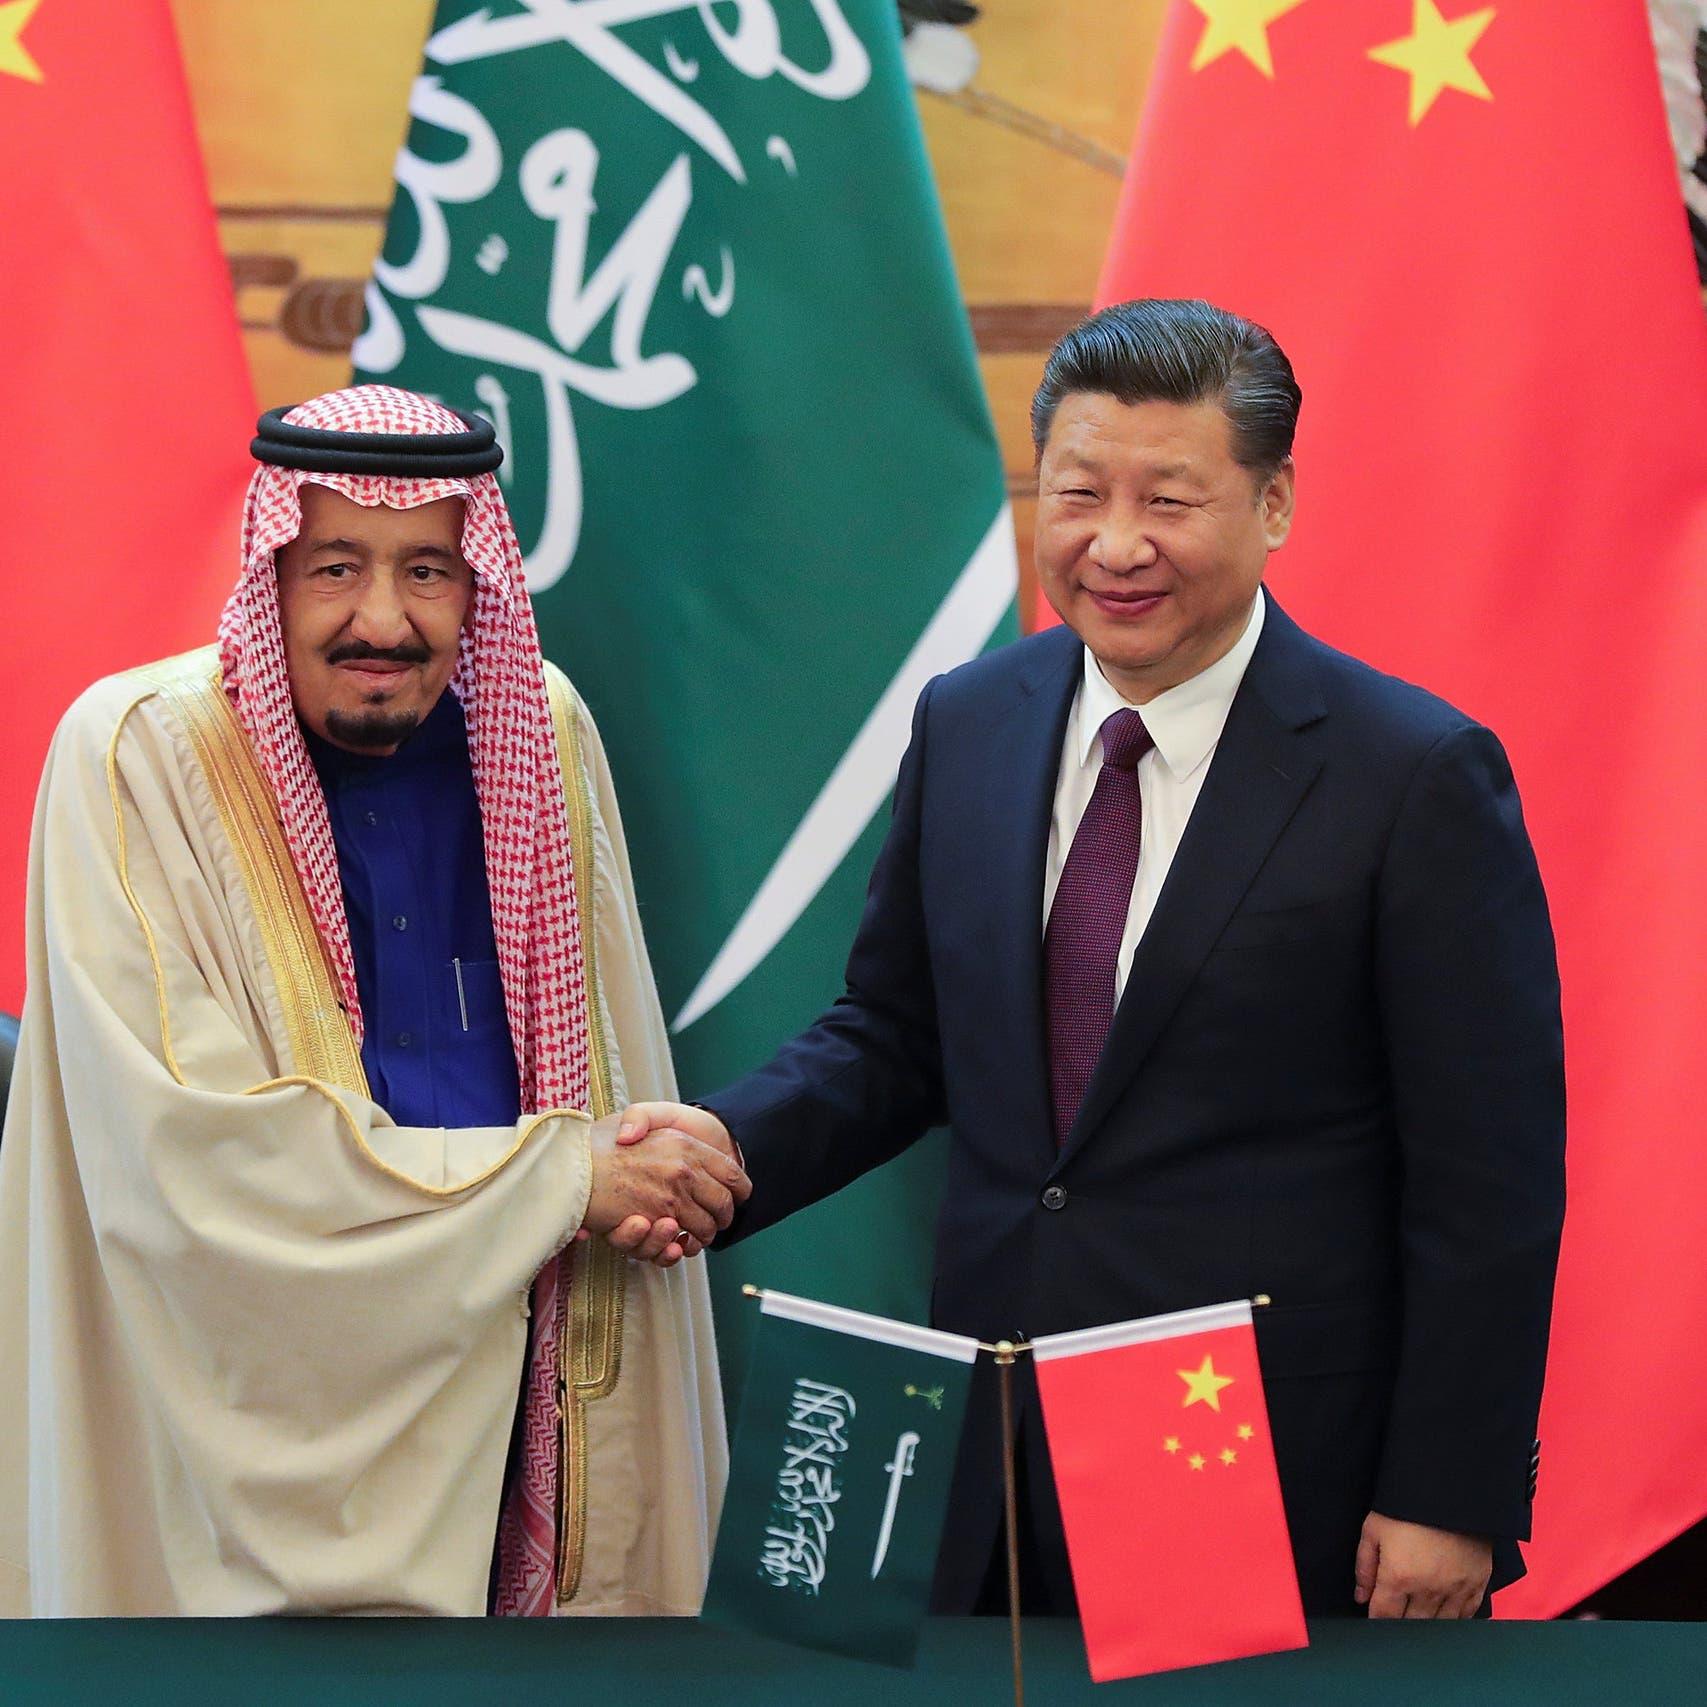 الملك سلمان يبحث مع رئيس الصين مواجهة فيروس كورونا